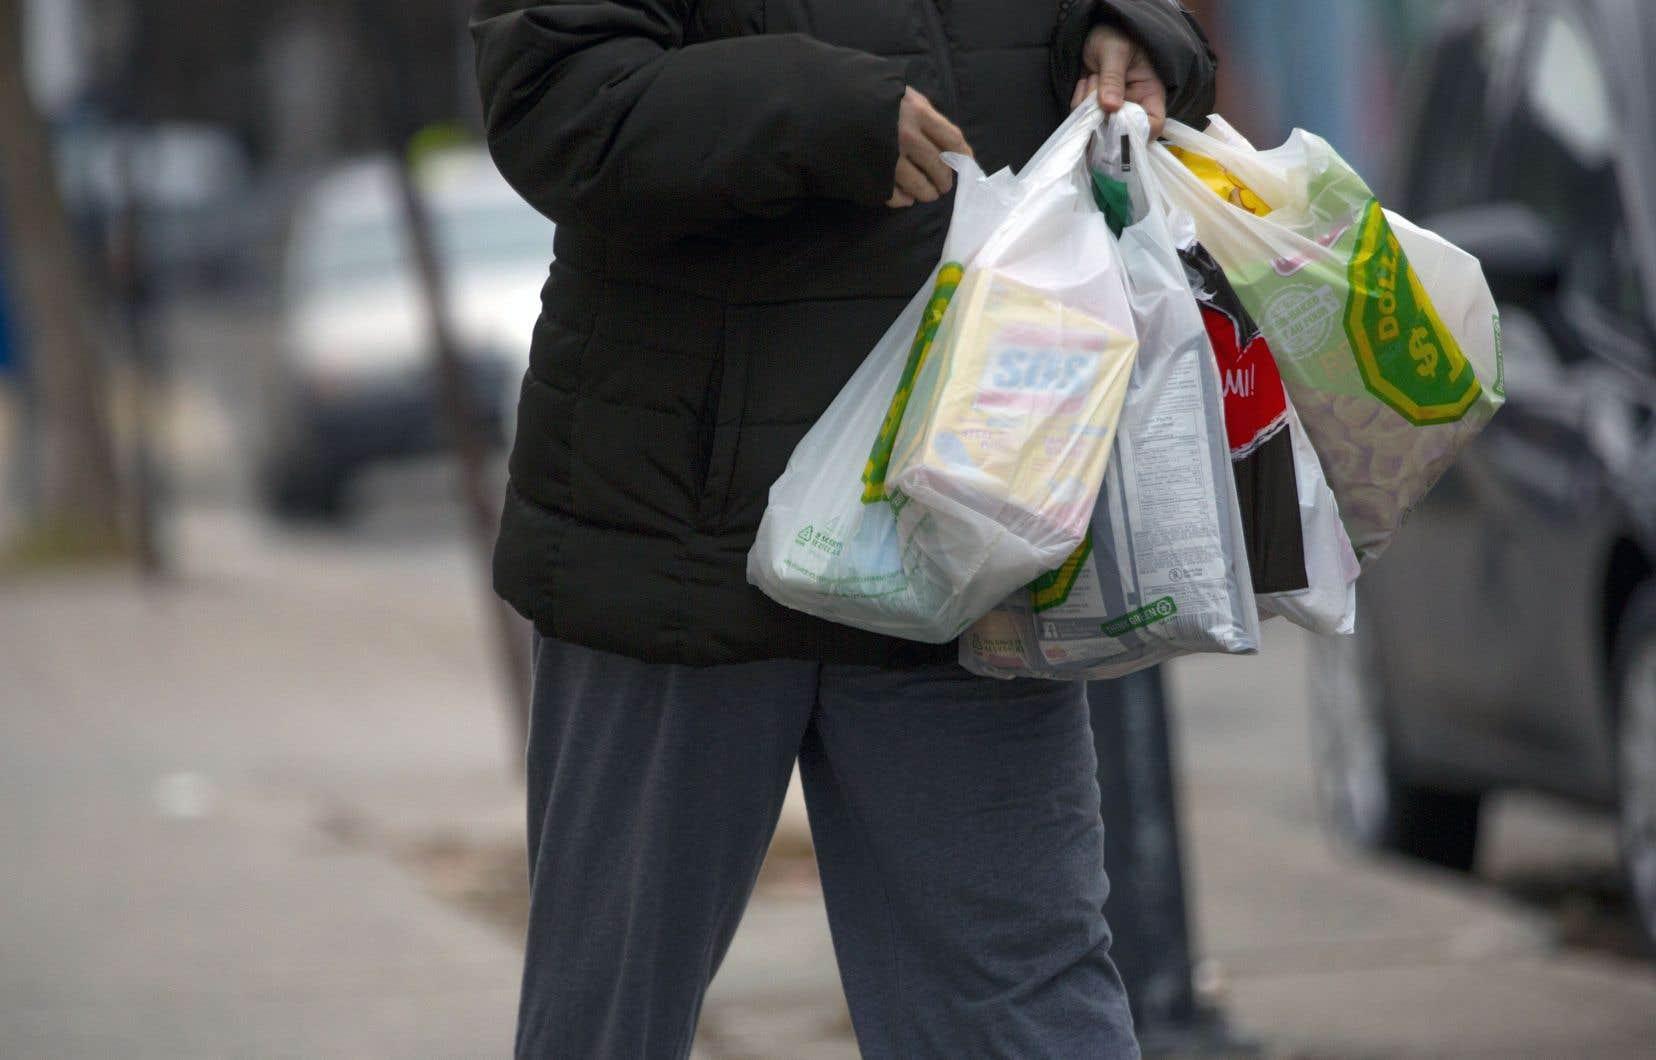 À compter du 6juin, les commerçants montréalais qui distribueront des sacs en plastique de moins de 50 microns d'épaisseur pourront recevoir une amende.